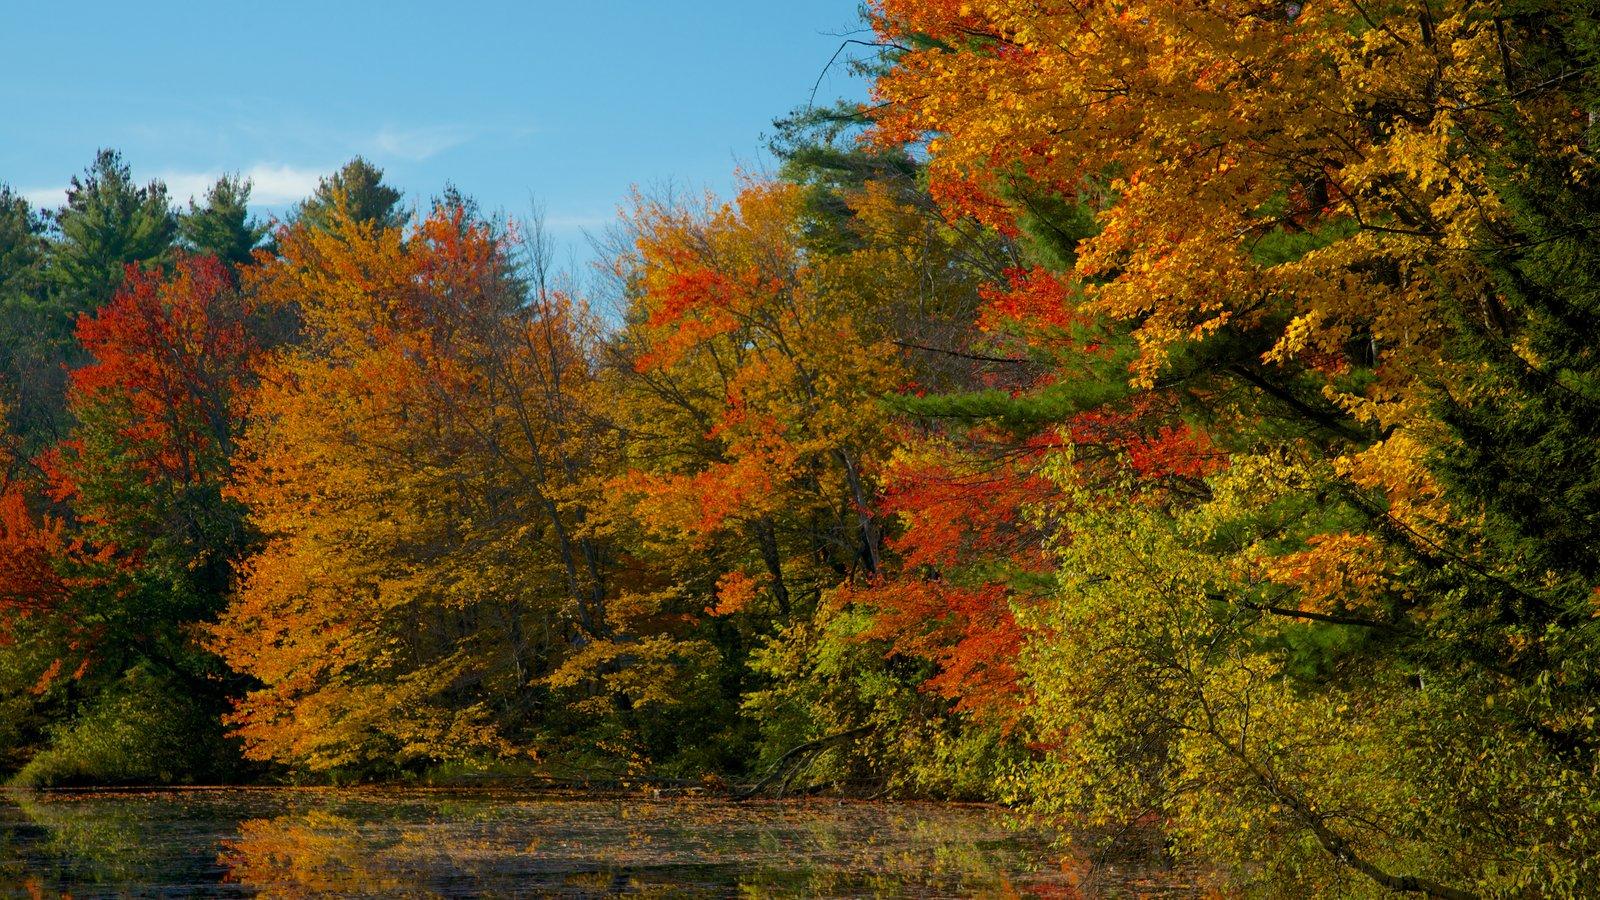 Conway ofreciendo los colores del otoño, un jardín y un río o arroyo